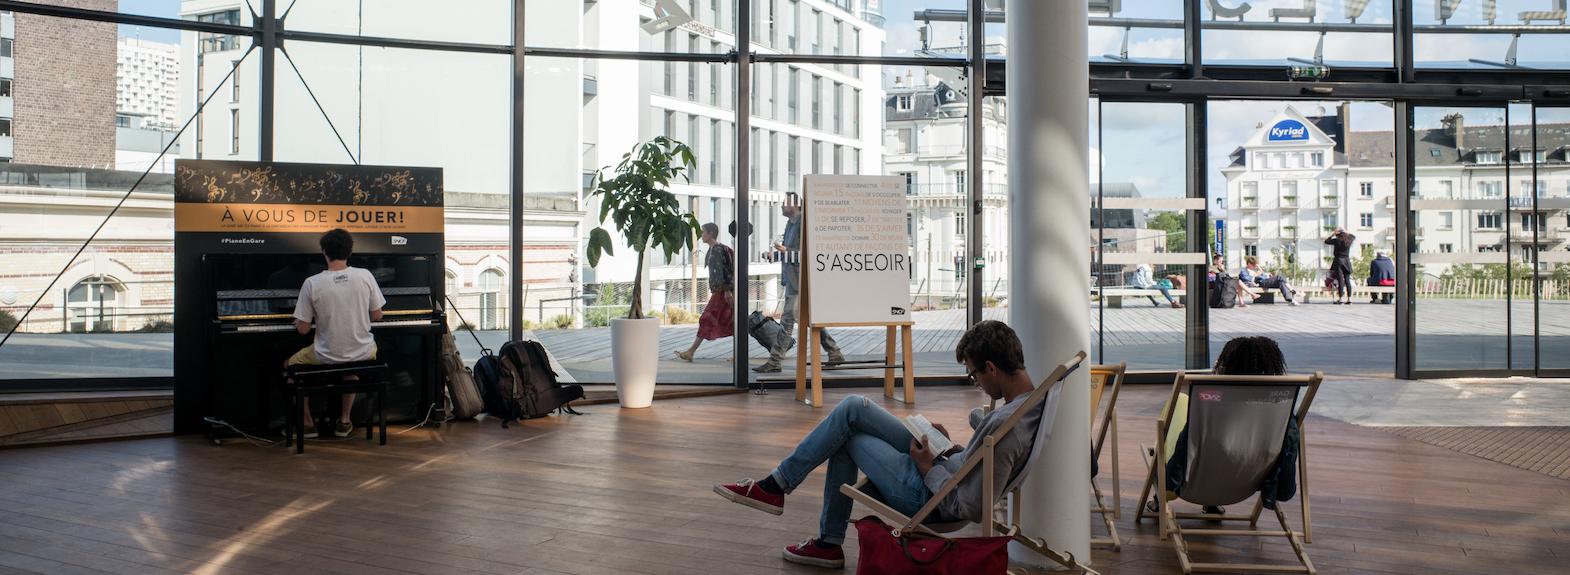 3-Eurorennes-Gare_interieur-_juillet_aout_2019_HD.jpg